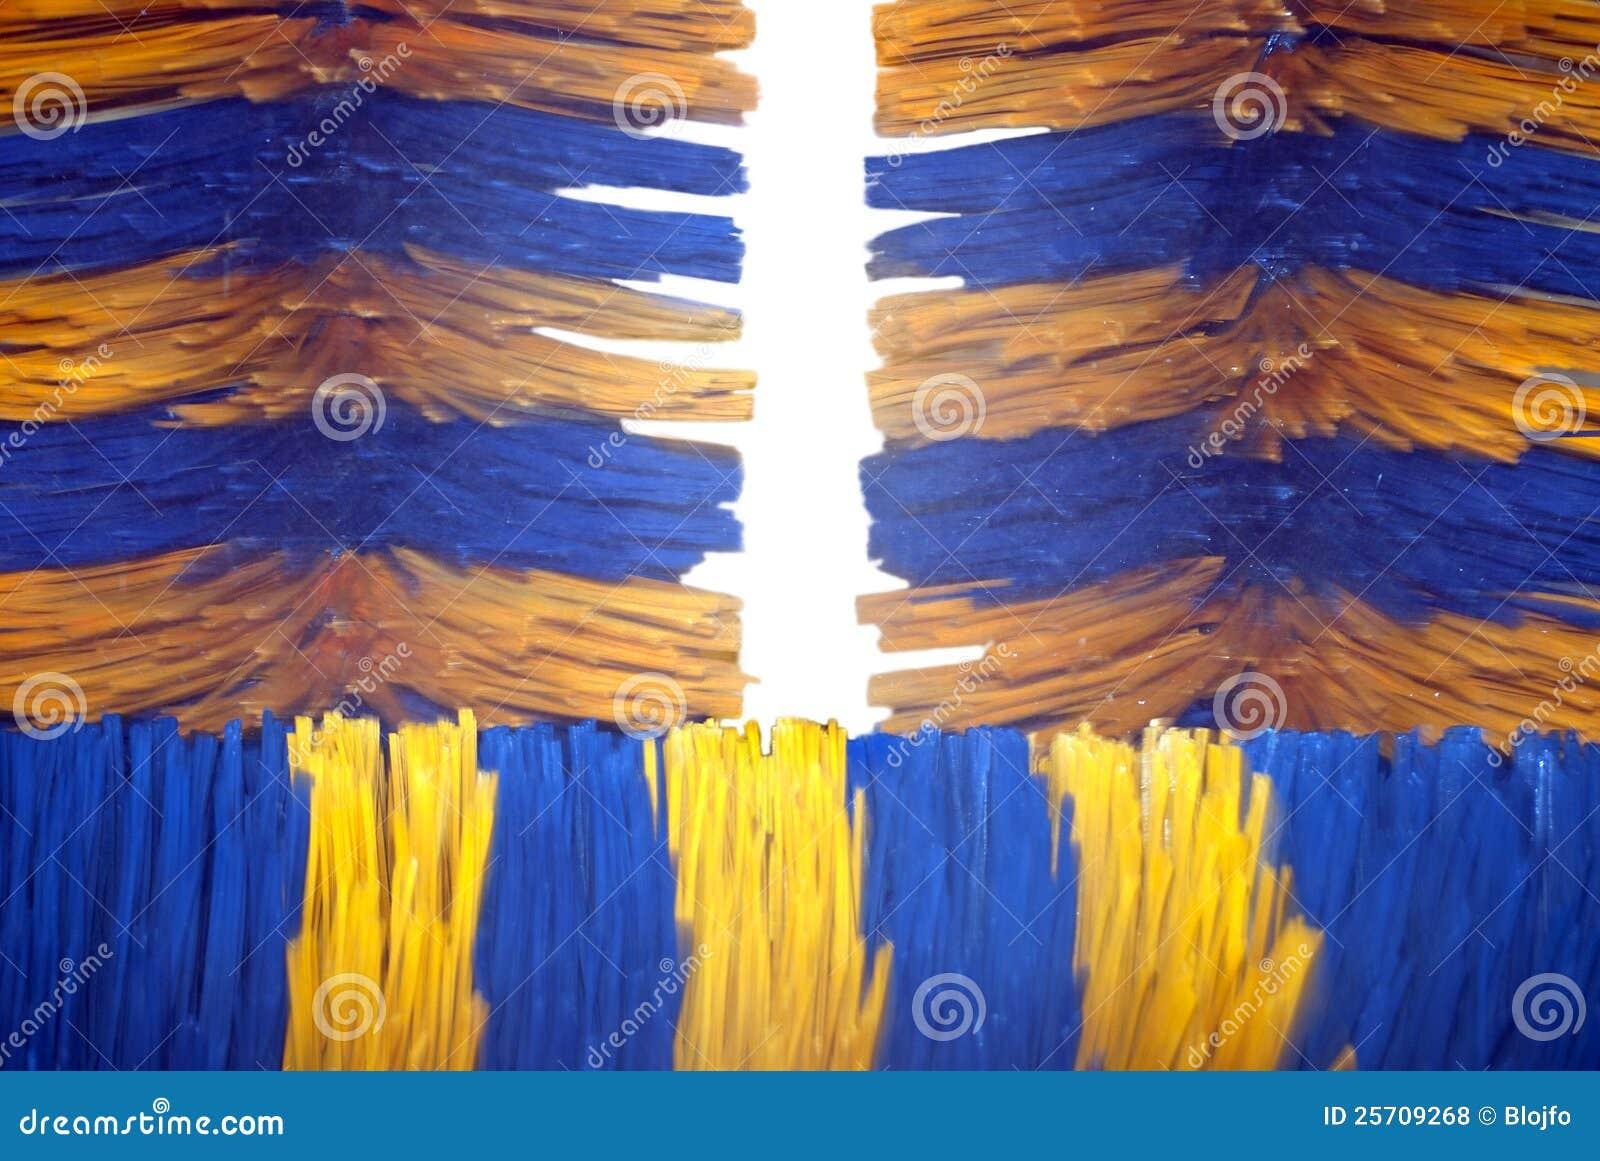 Car wash brushes stock photo. Image of spinn, auto, wash ...